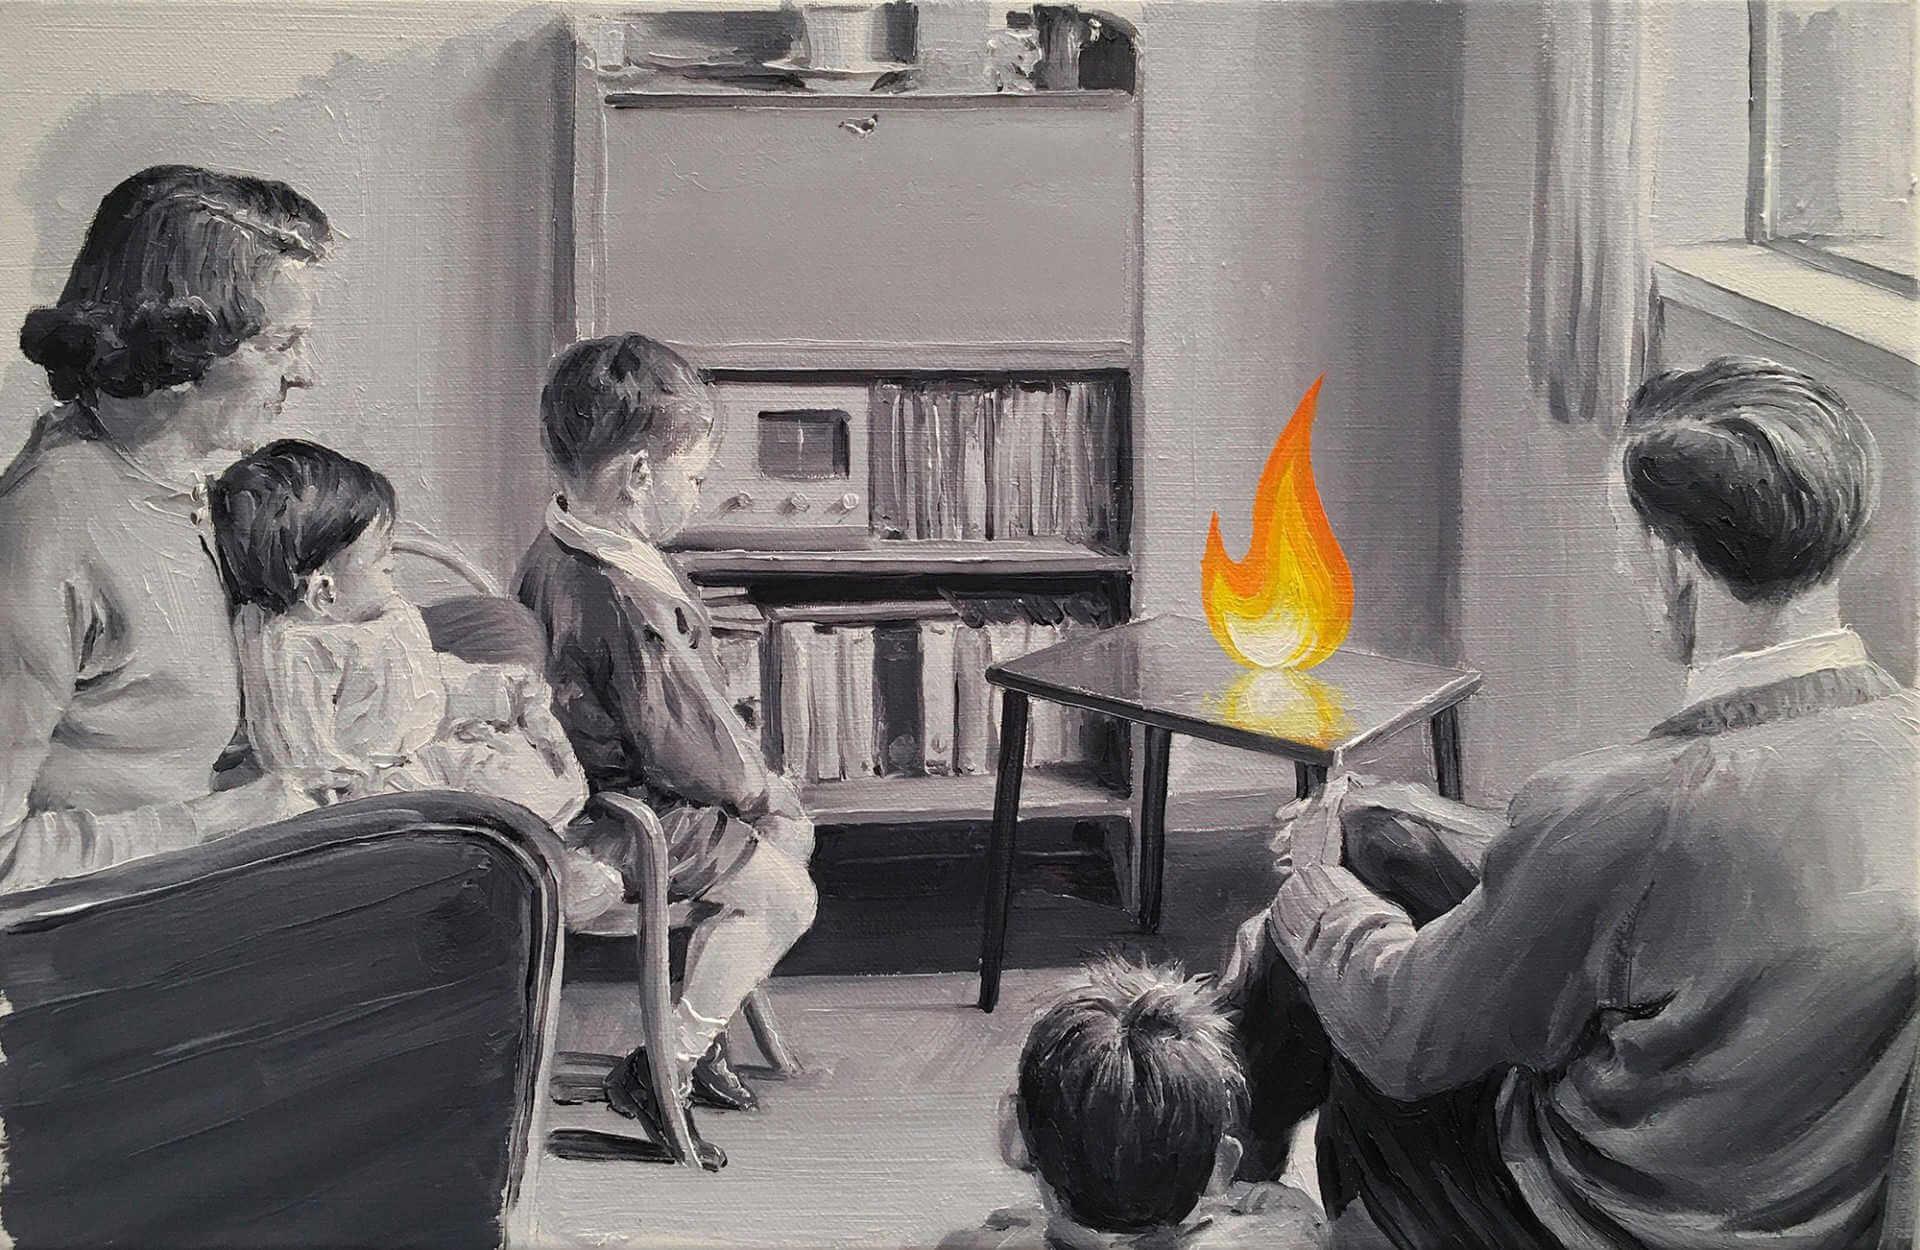 Cuadro surrealista de Paco Poment, familia mirando llama de fuego